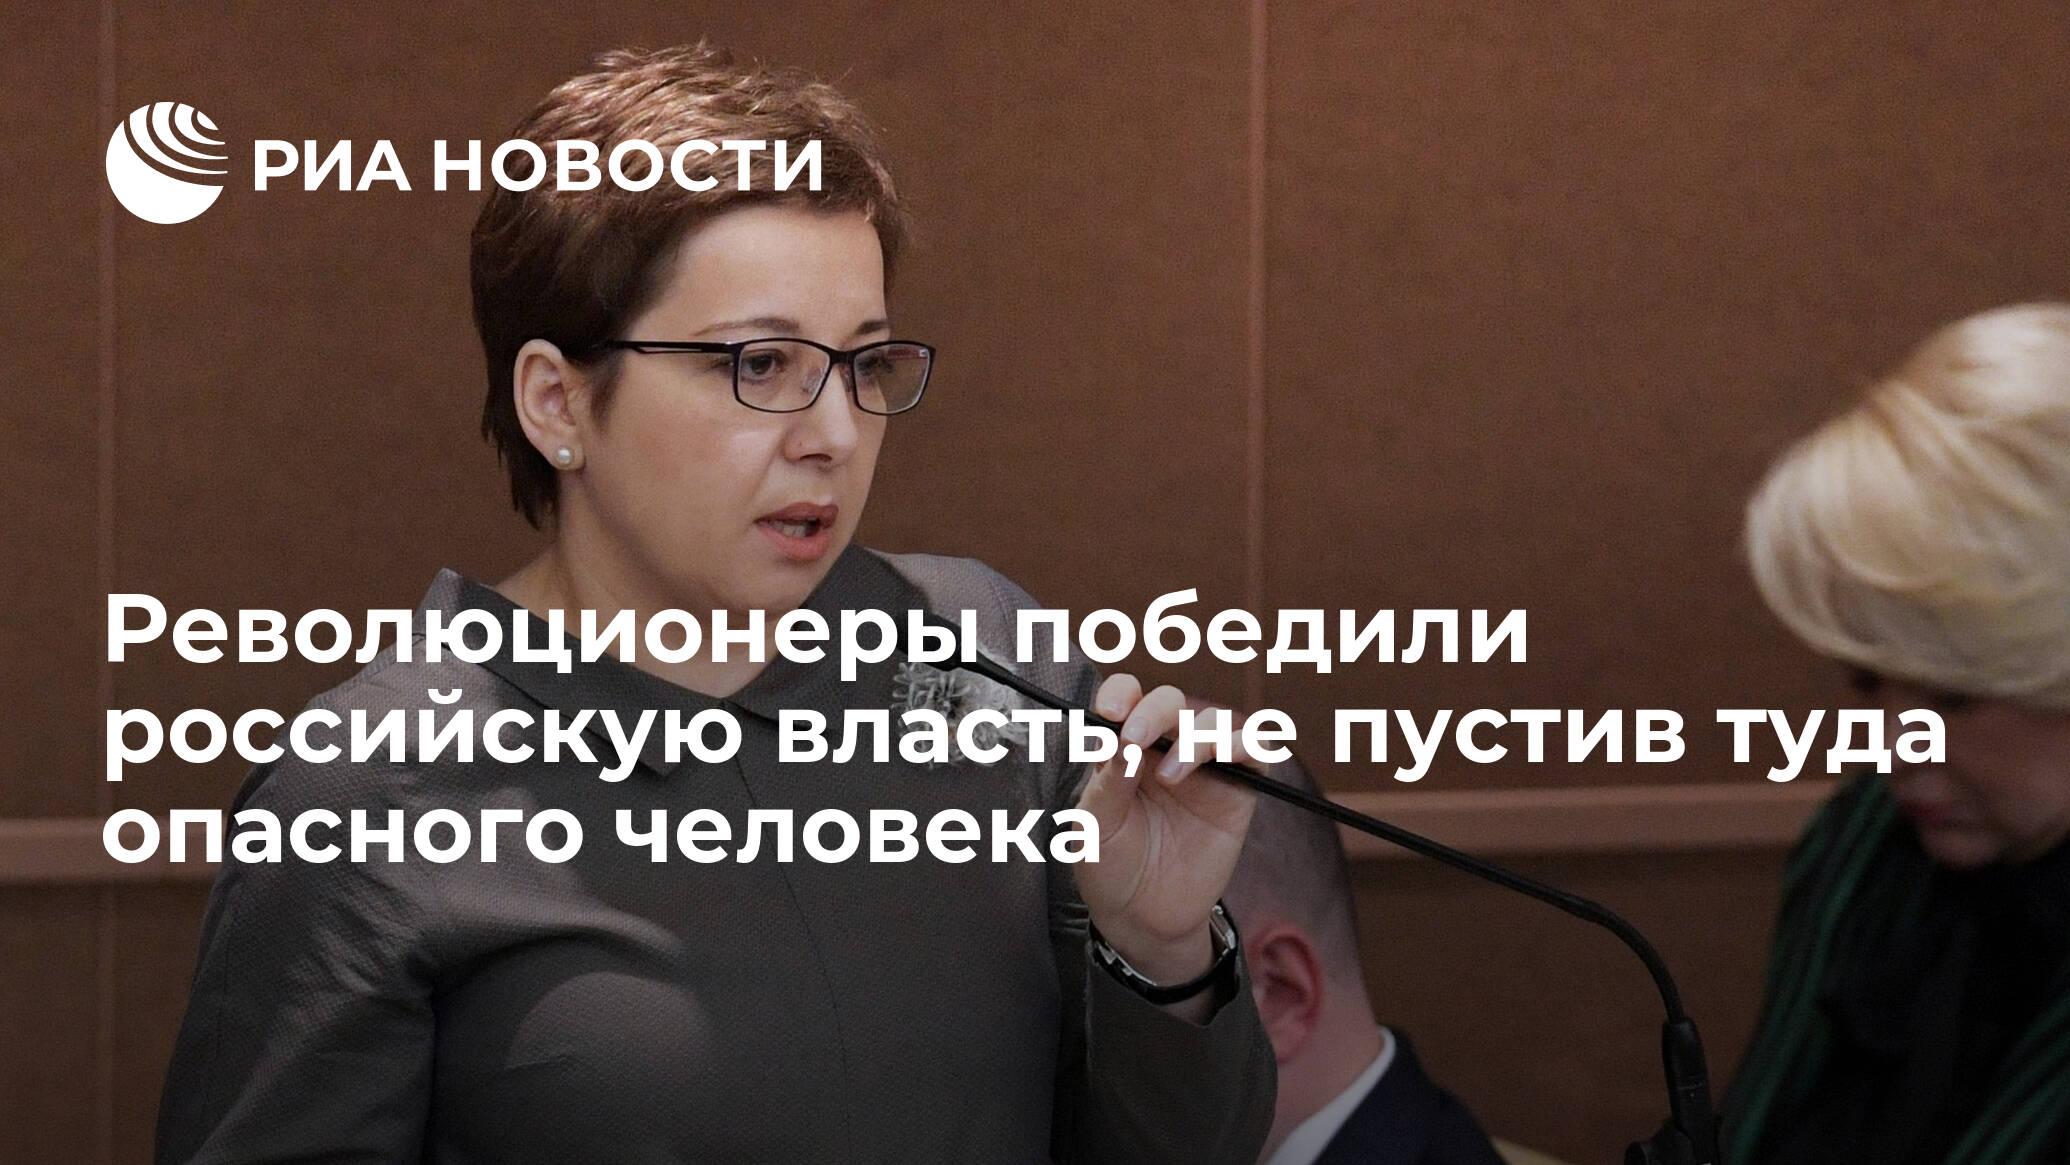 Революционеры победили российскую власть, не пустив туда опасного человека